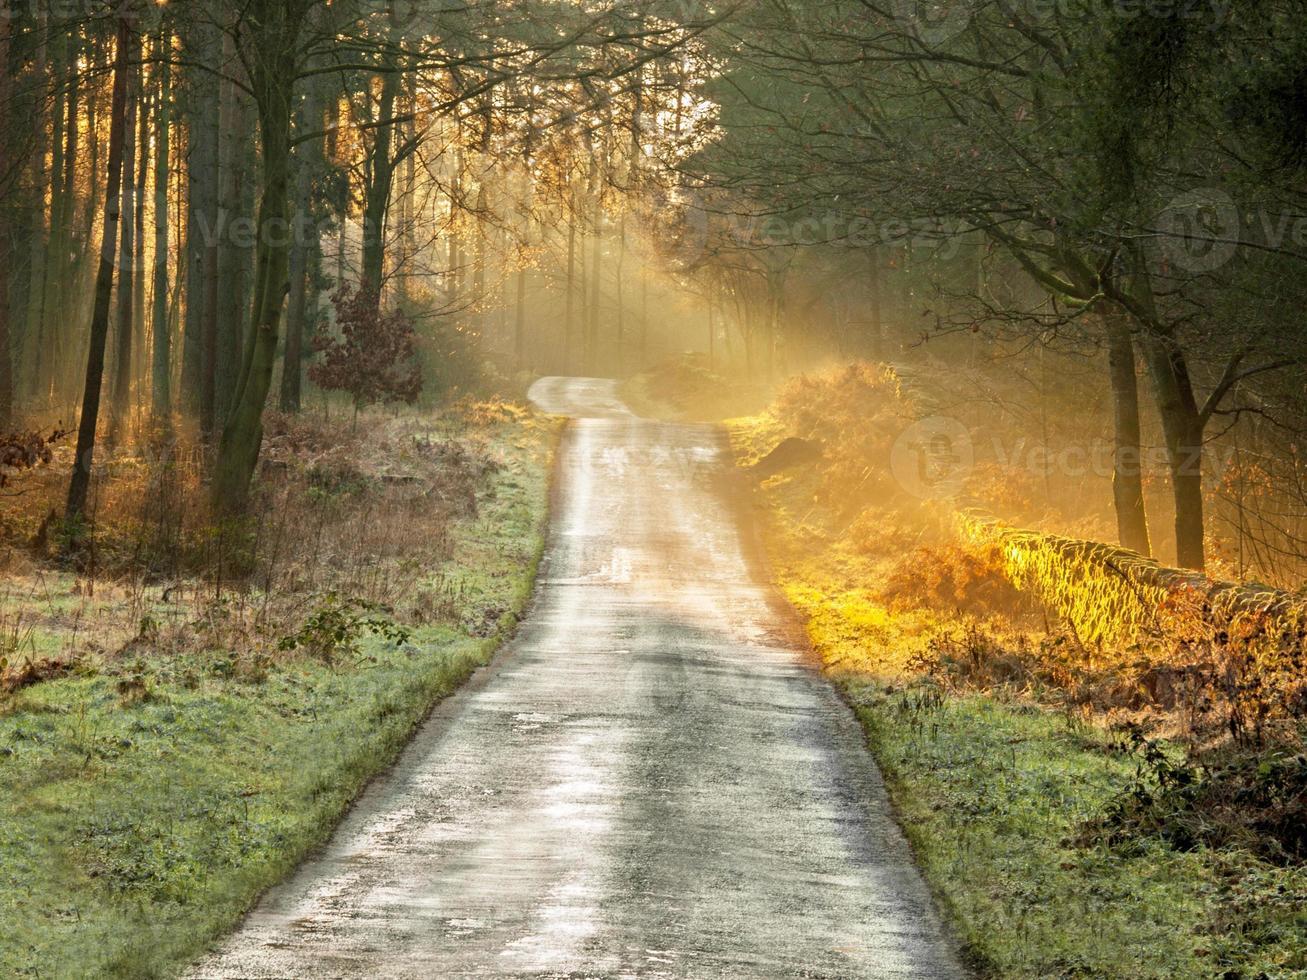 el camino a casa foto